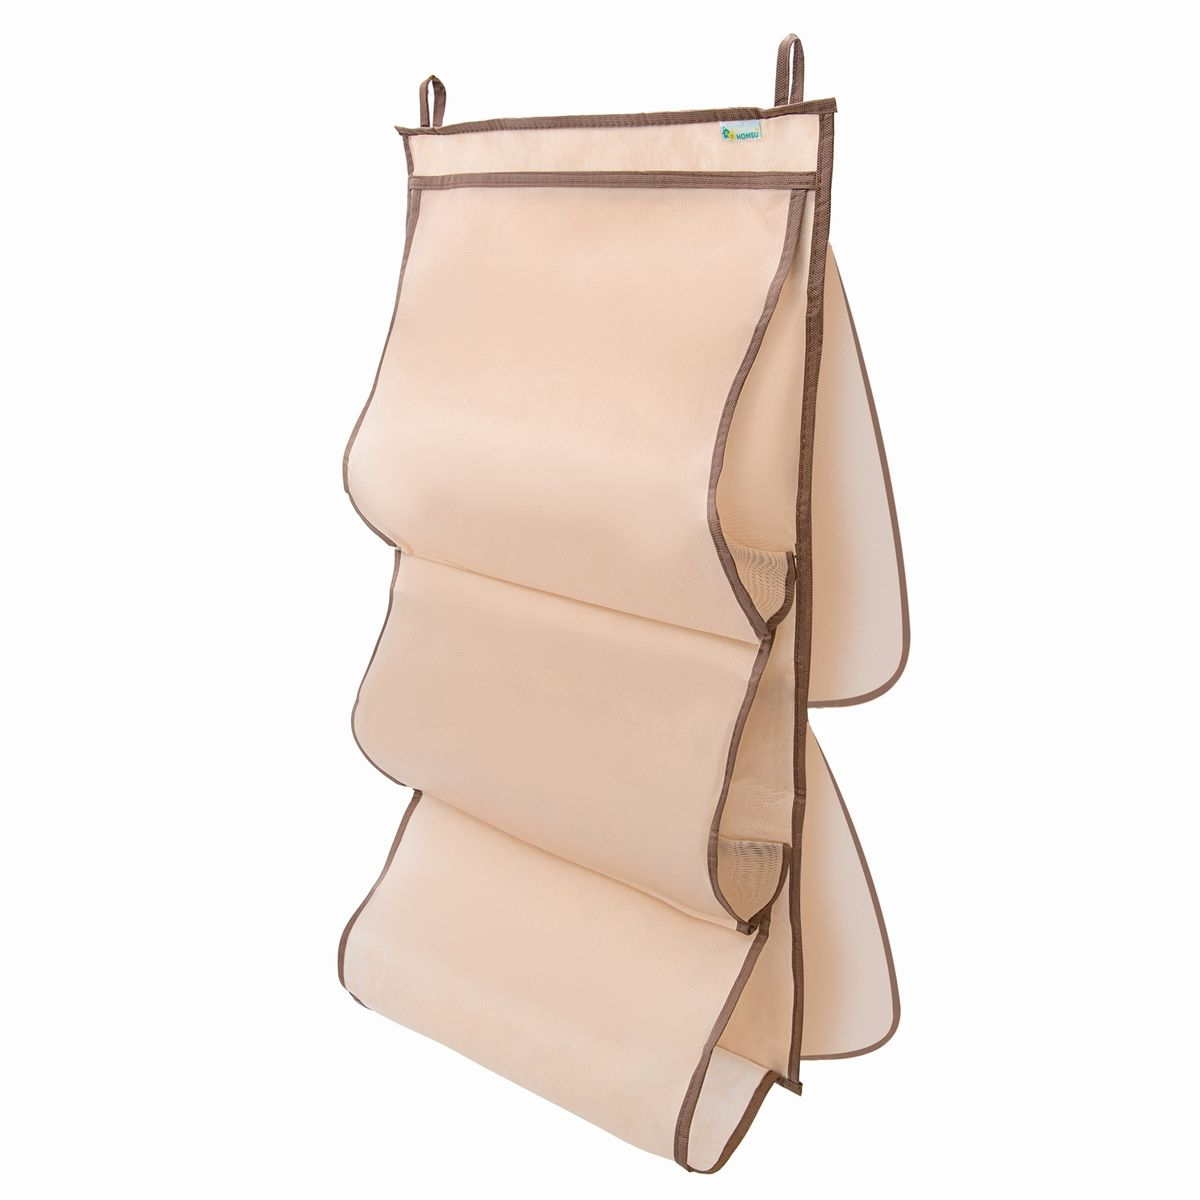 Органайзер для сумок в шкаф Homsu, 40 x 70 см украшение декоративное homsu голова оленя 29 5 x 46 x 42 5 см